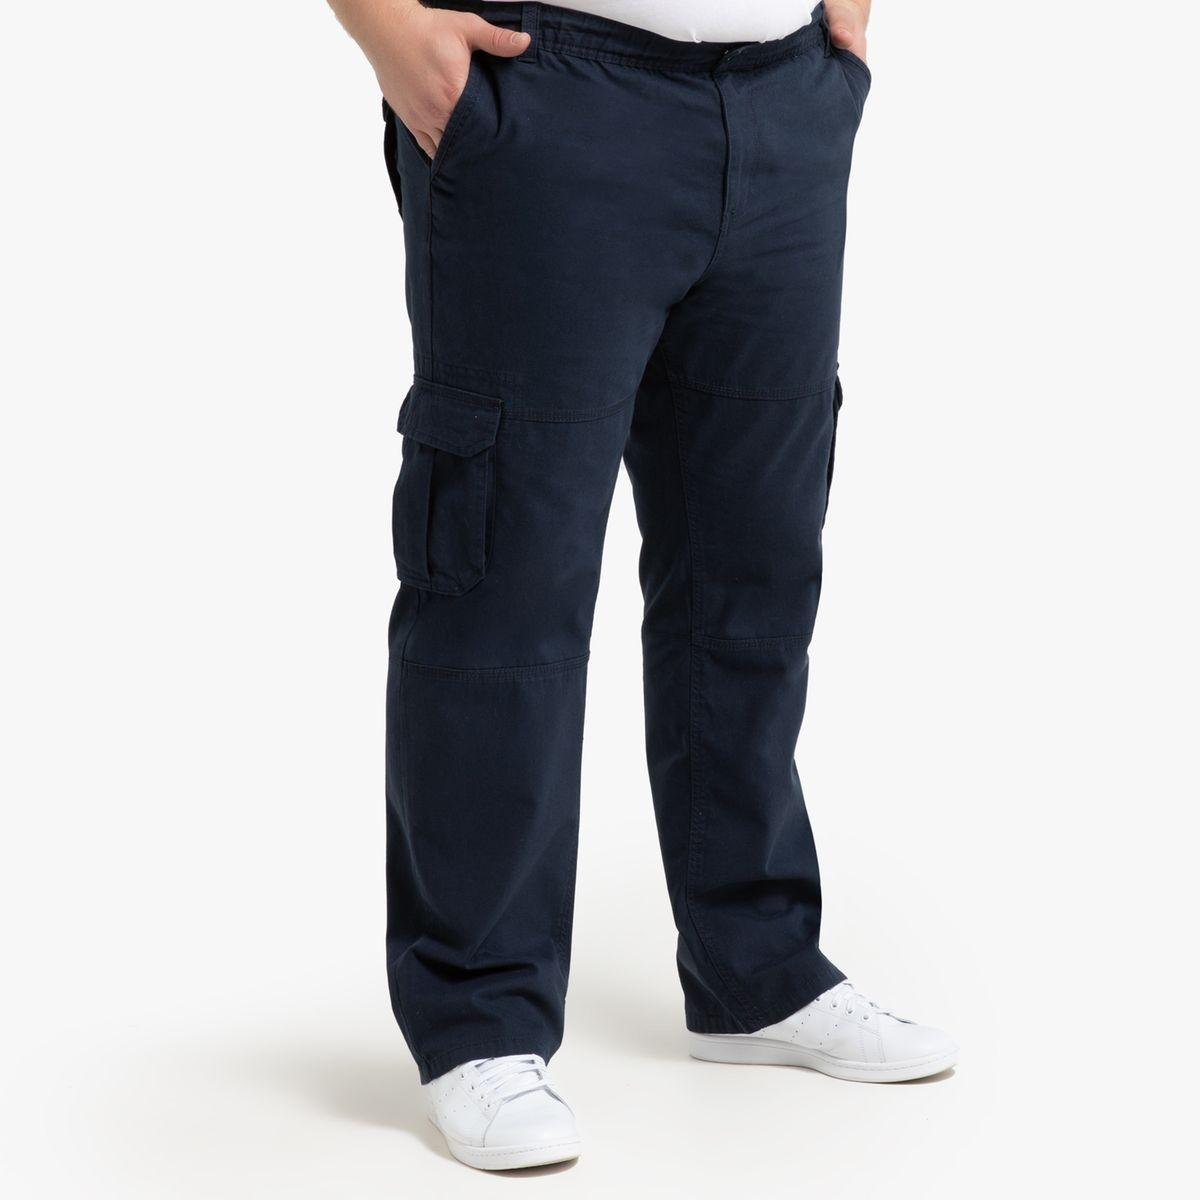 Pantalon cargo, taille élastiquée